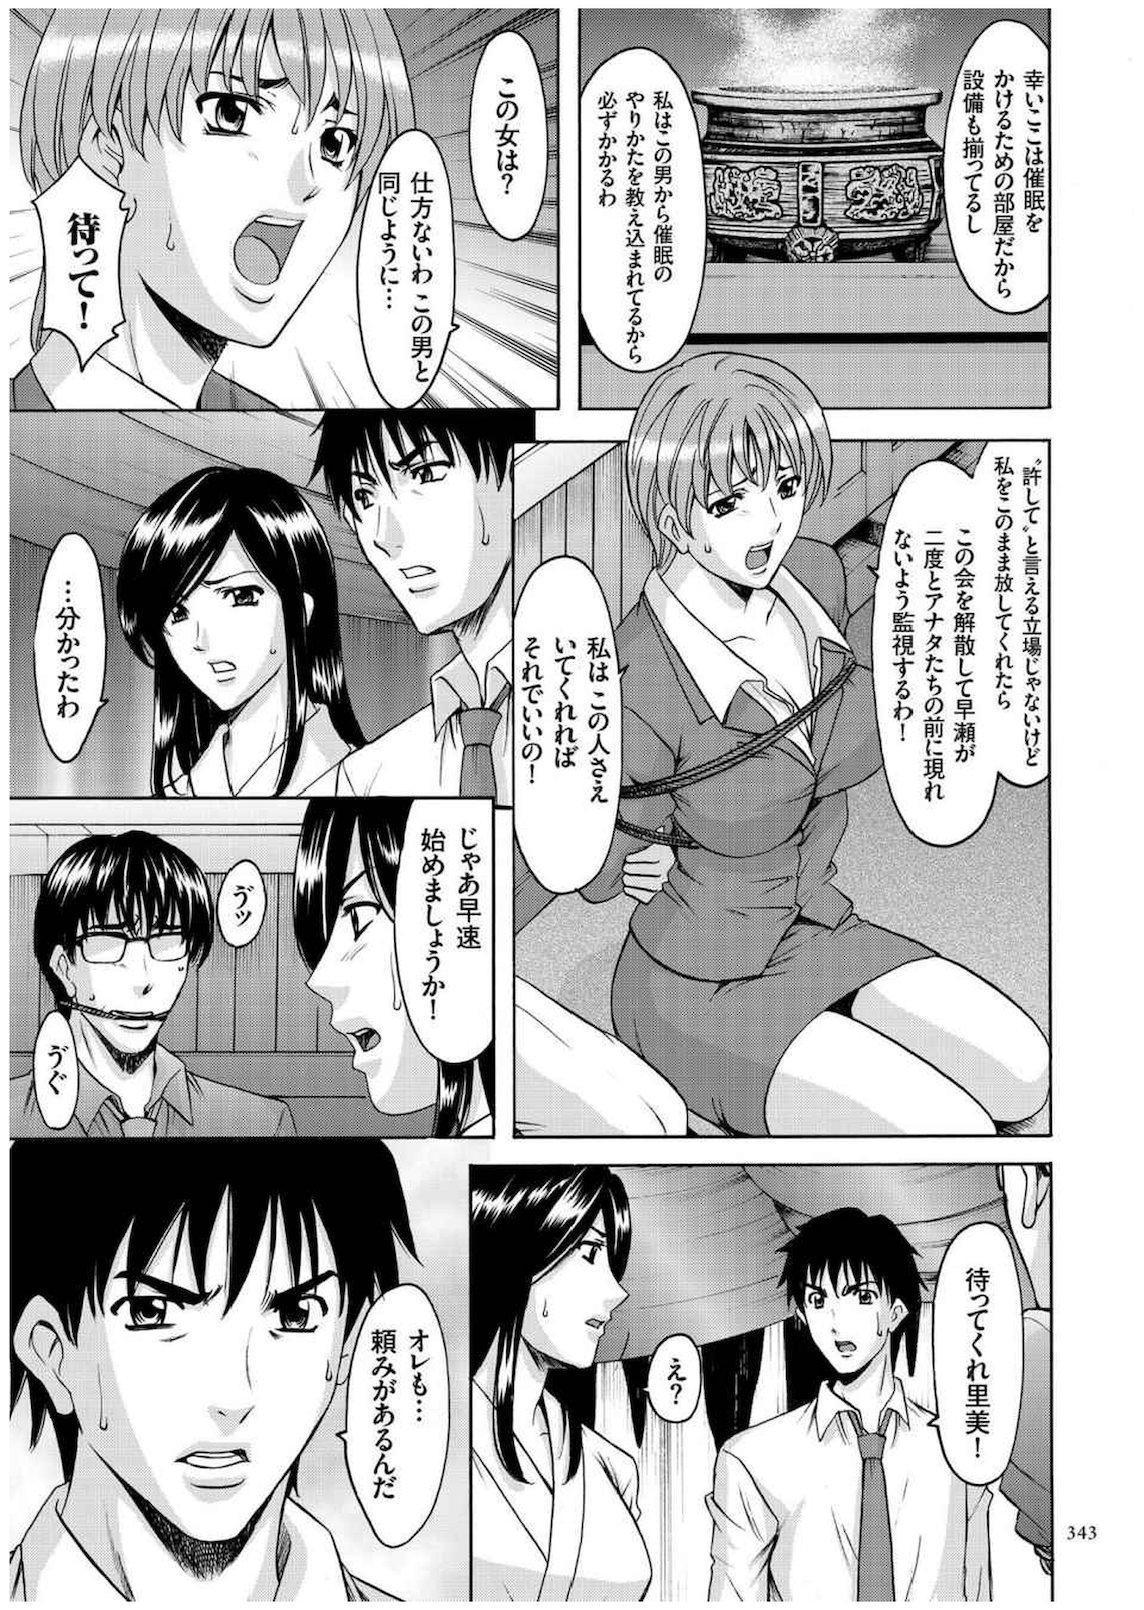 Sennyu Tsuma Satomi Kiroku 341